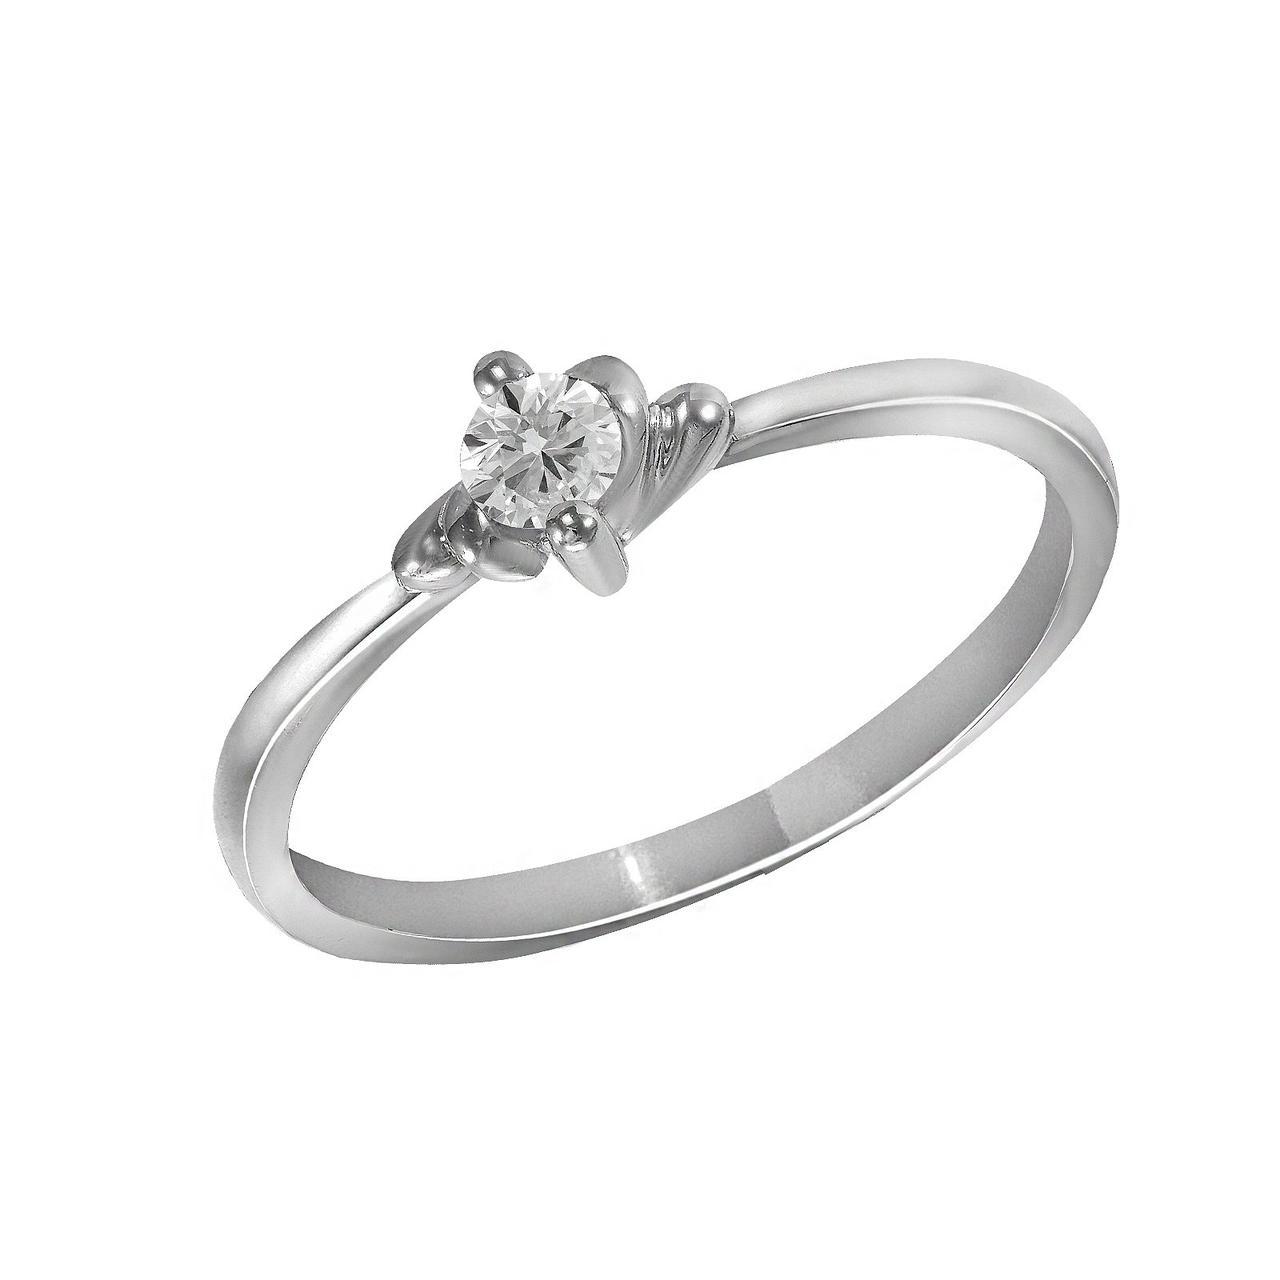 Золотое кольцо с бриллиантом, размер 16 (1616706)